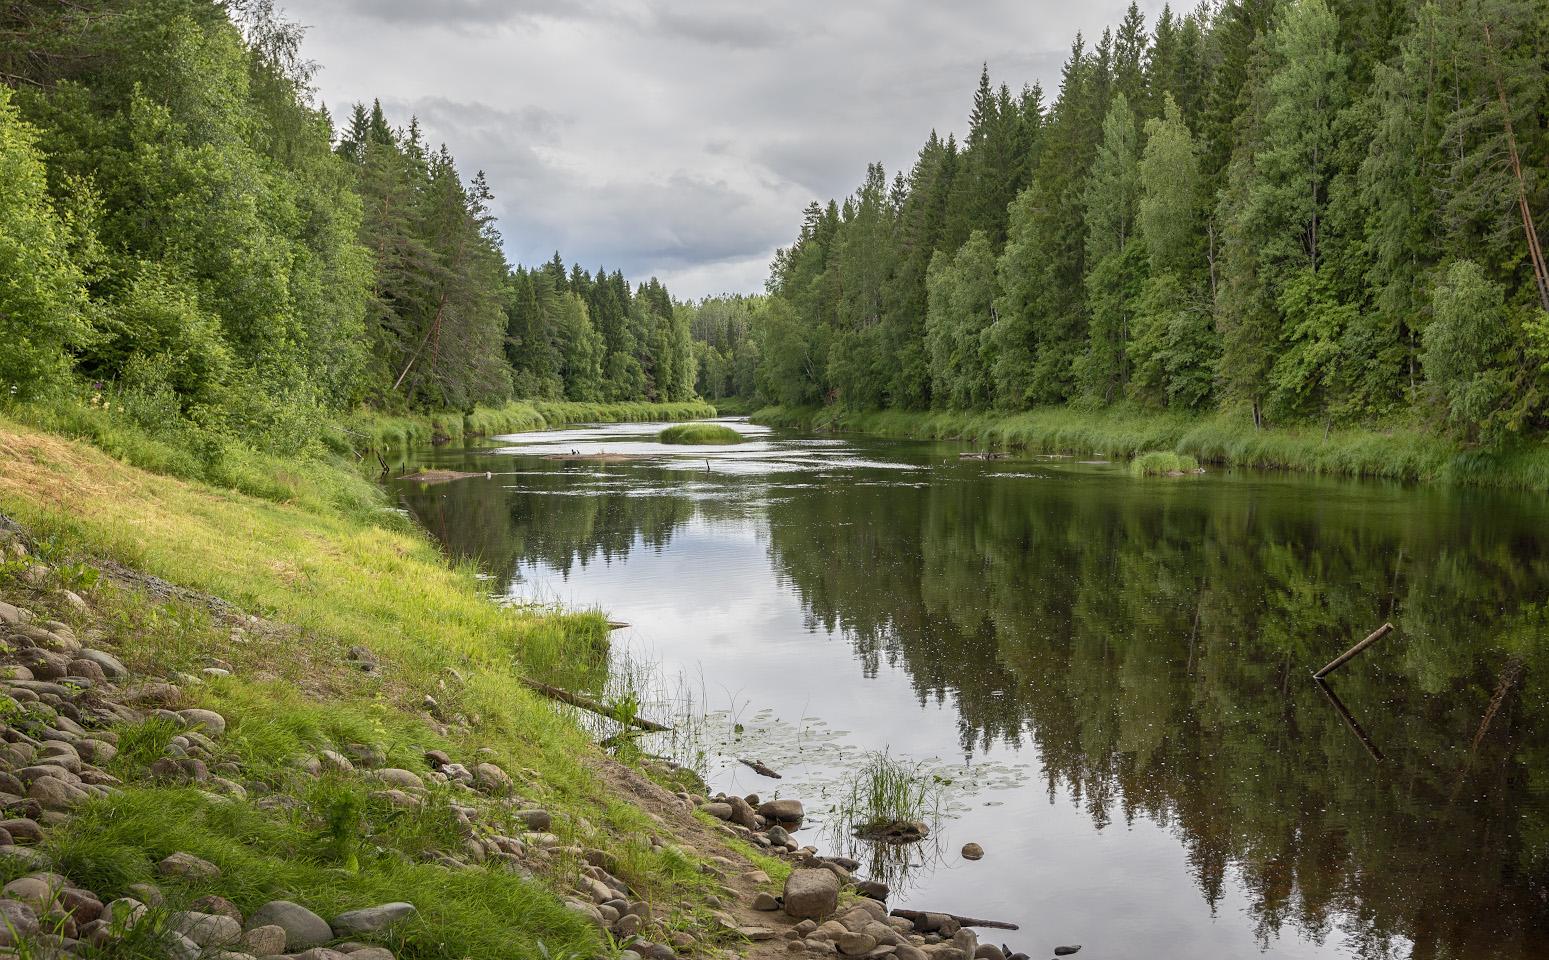 фото реки черной карелия плечи зачастую ложатся